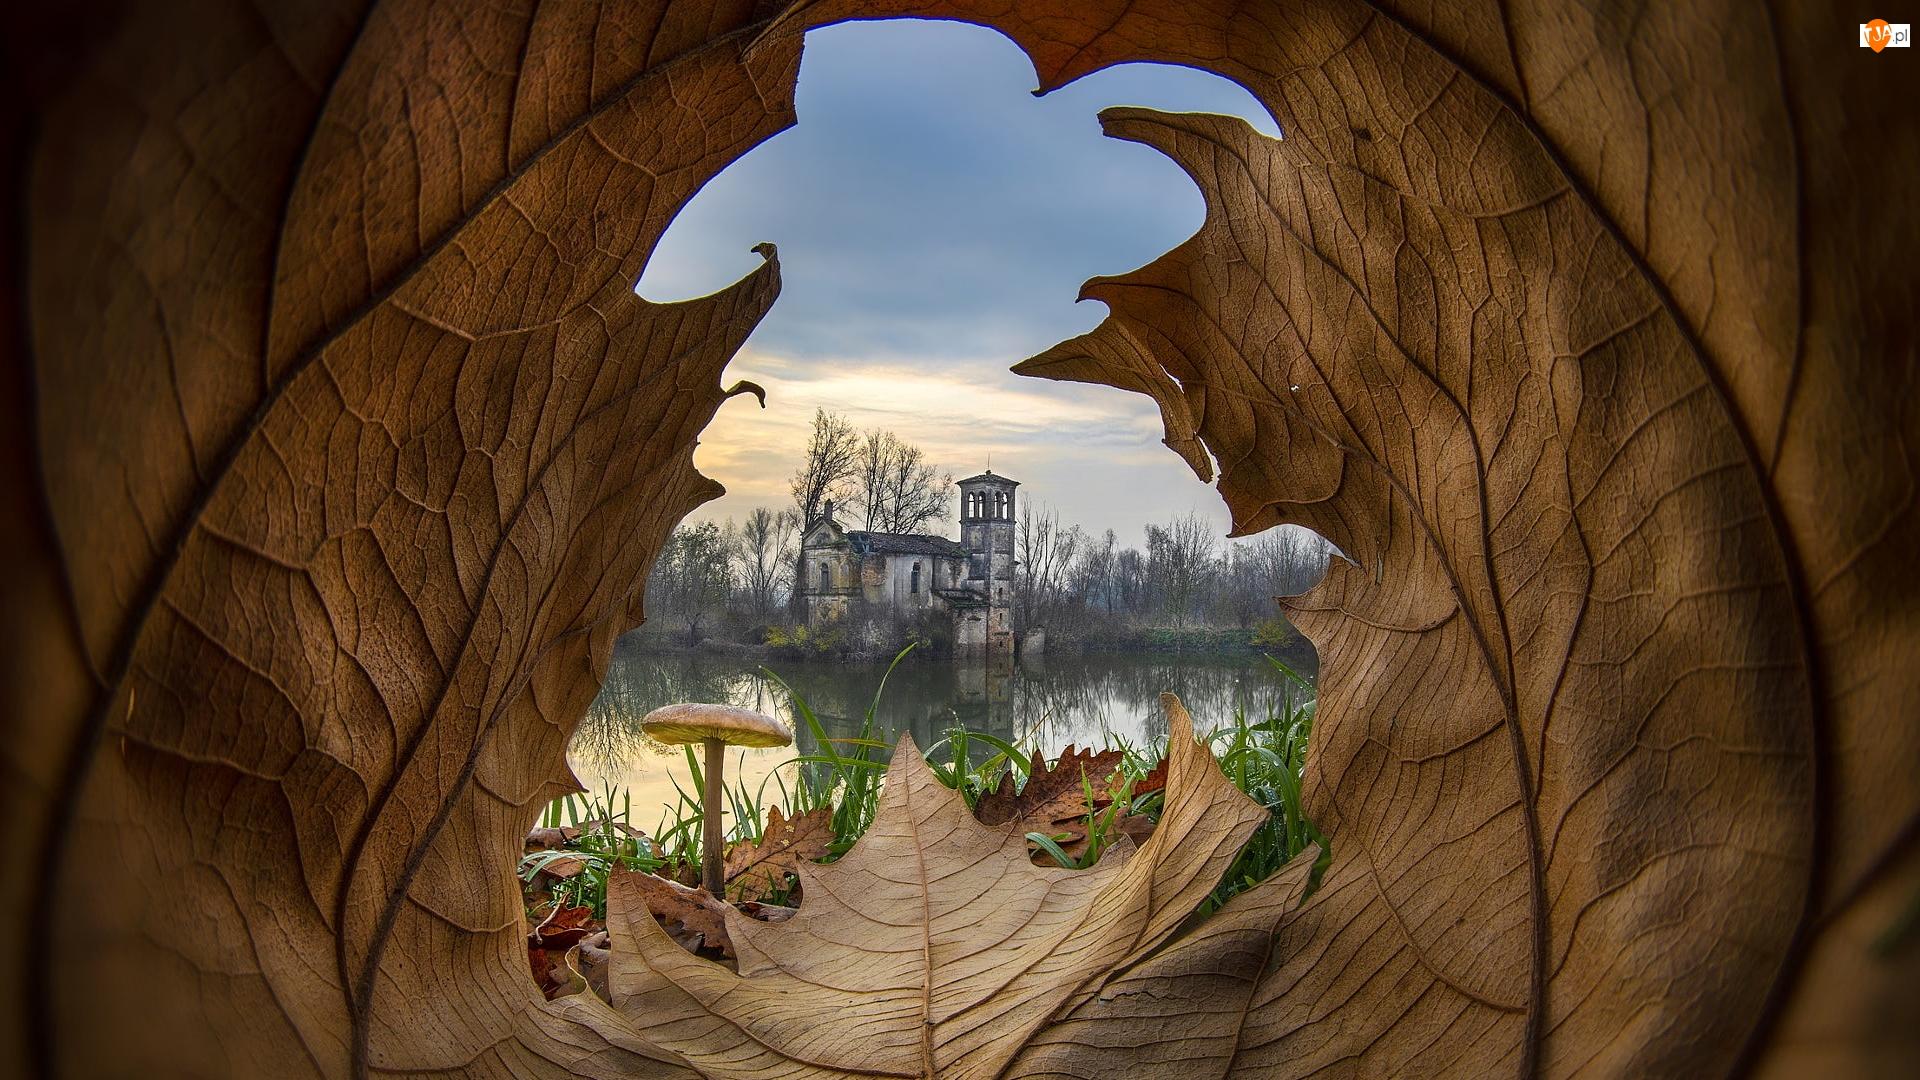 Ruina, Grzyb, Budynek, Liść, Jezioro